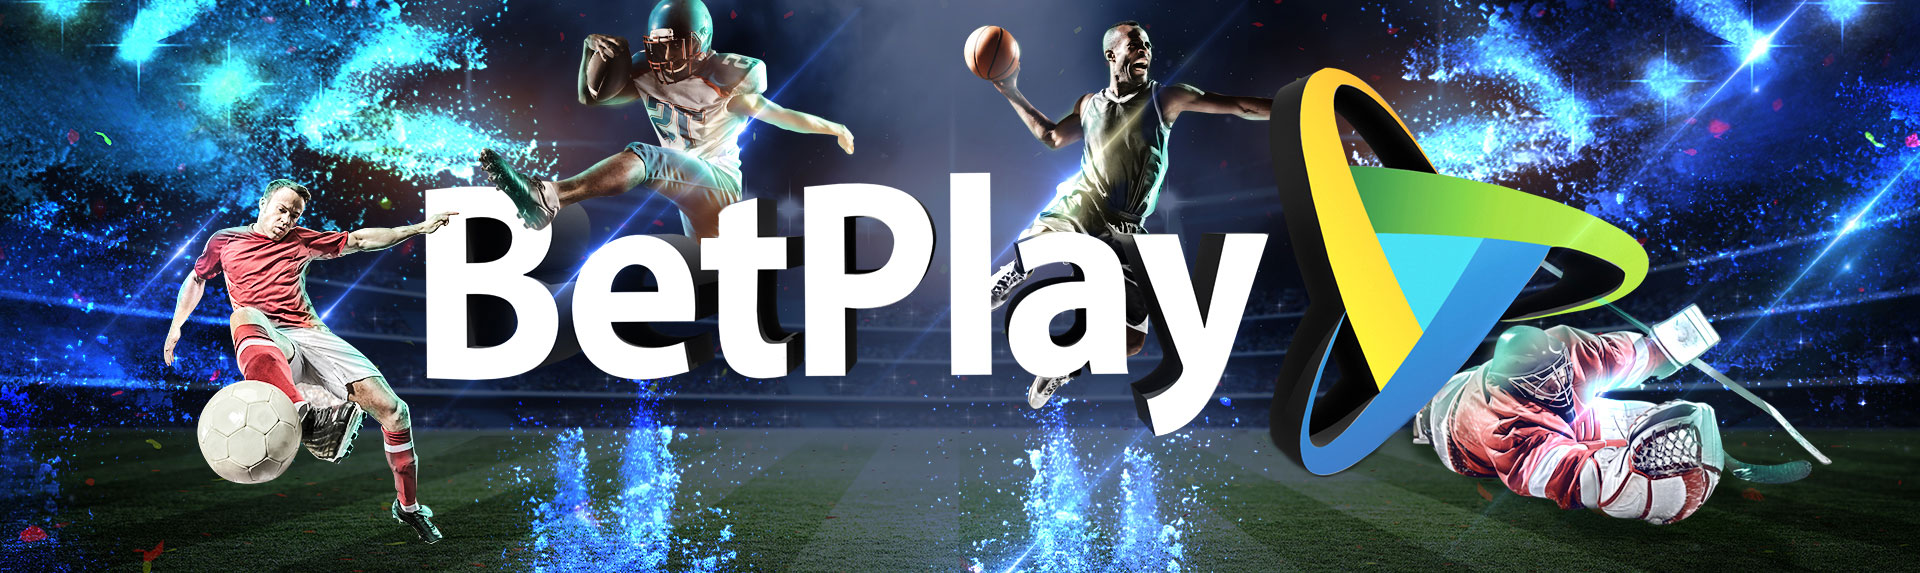 Betplay: bono de bienvenida en apuestas deportivas 50%